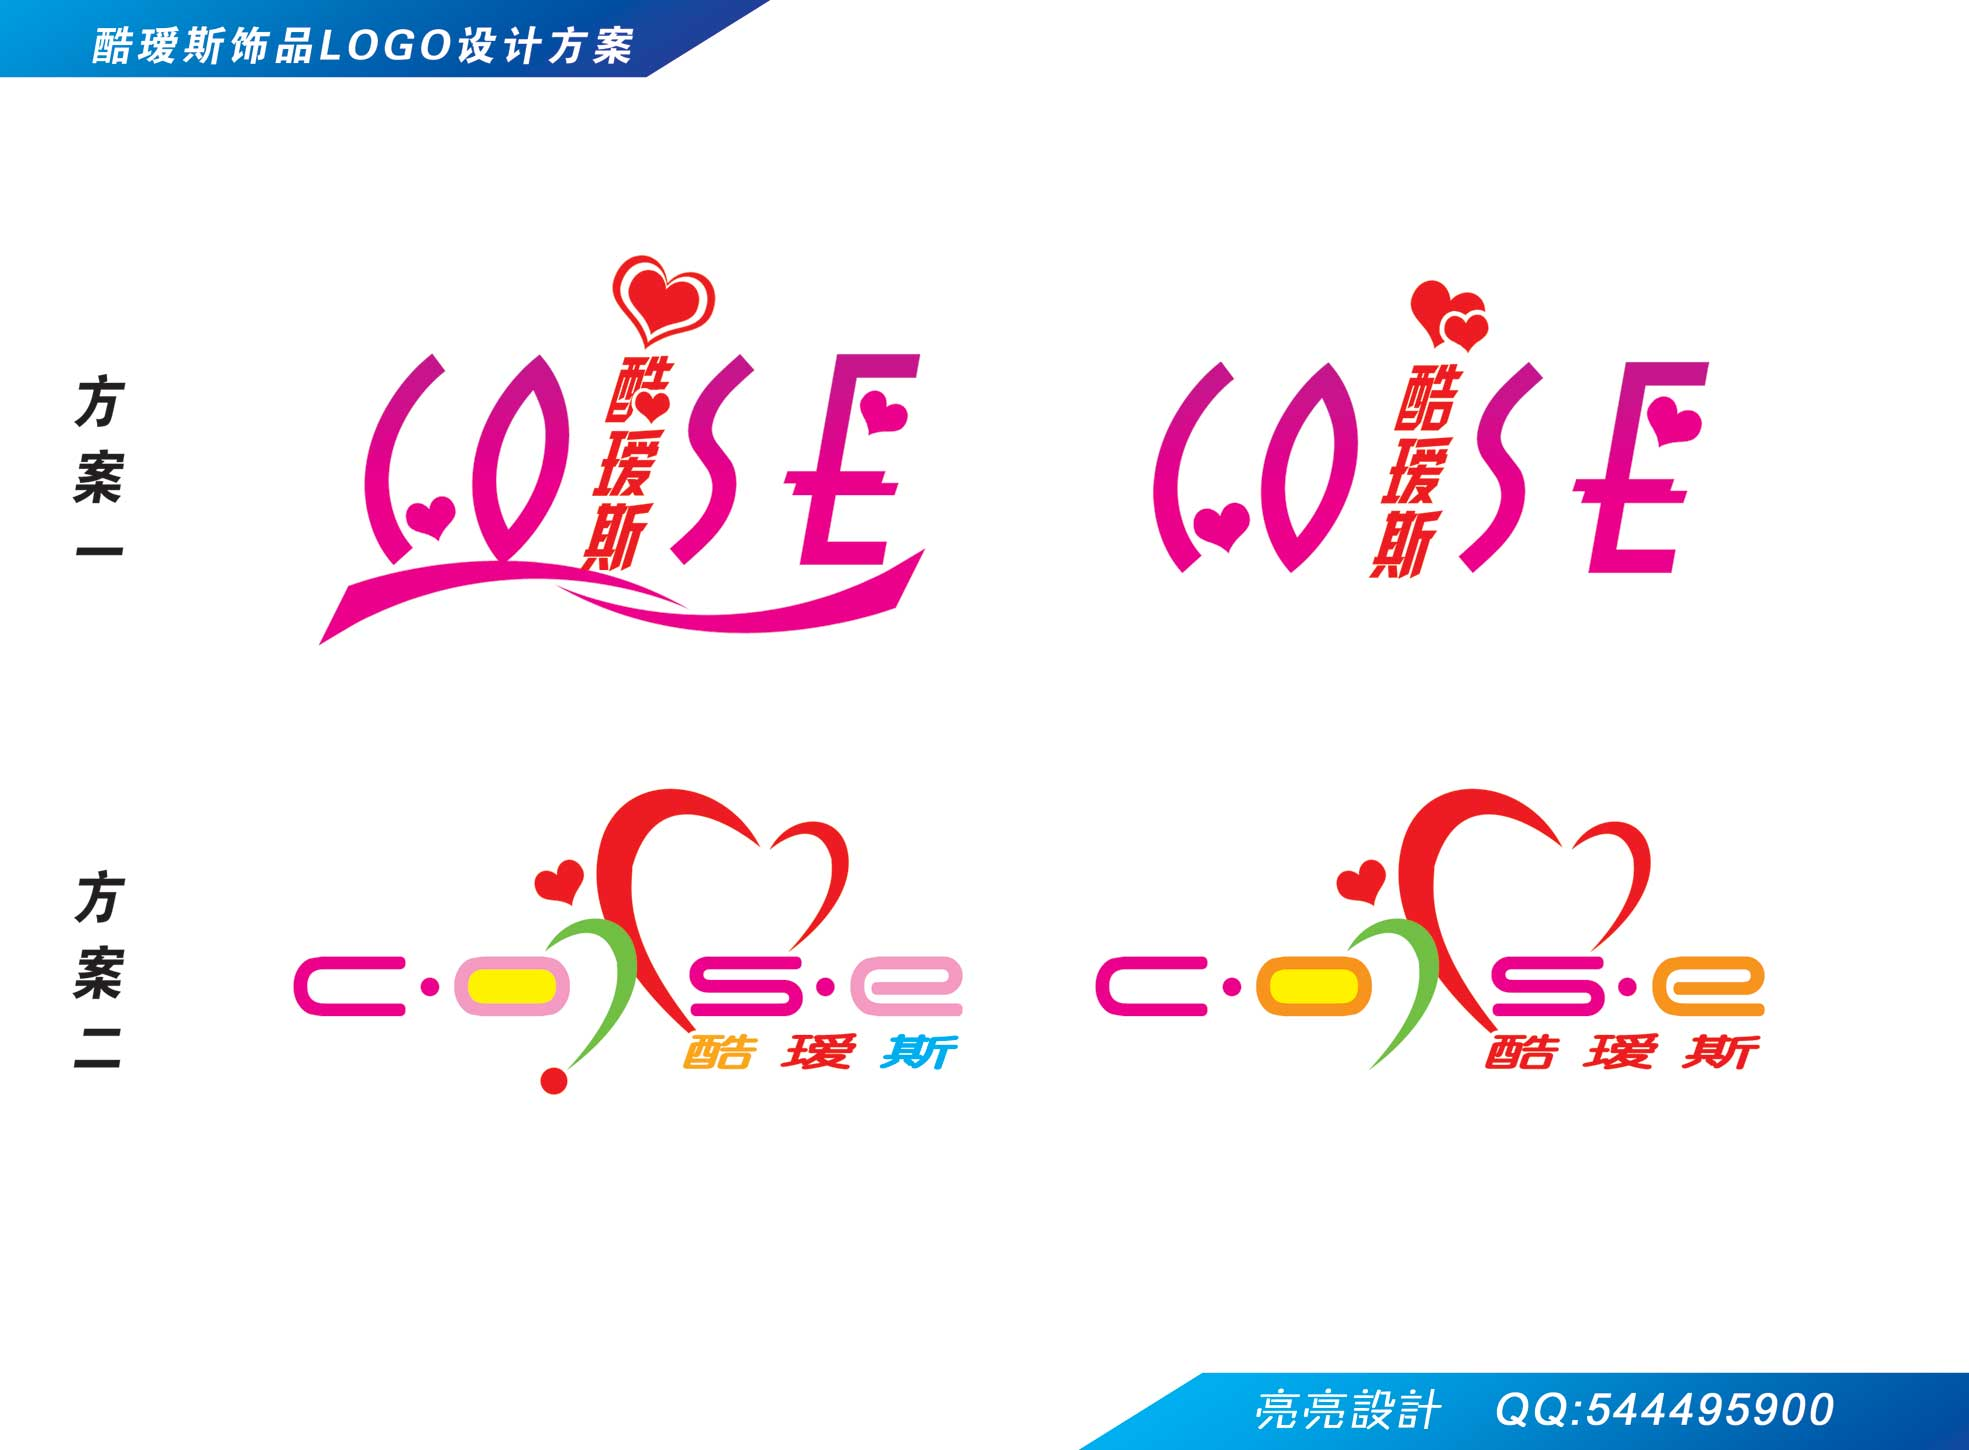 时尚情侣饰品品牌logo设计